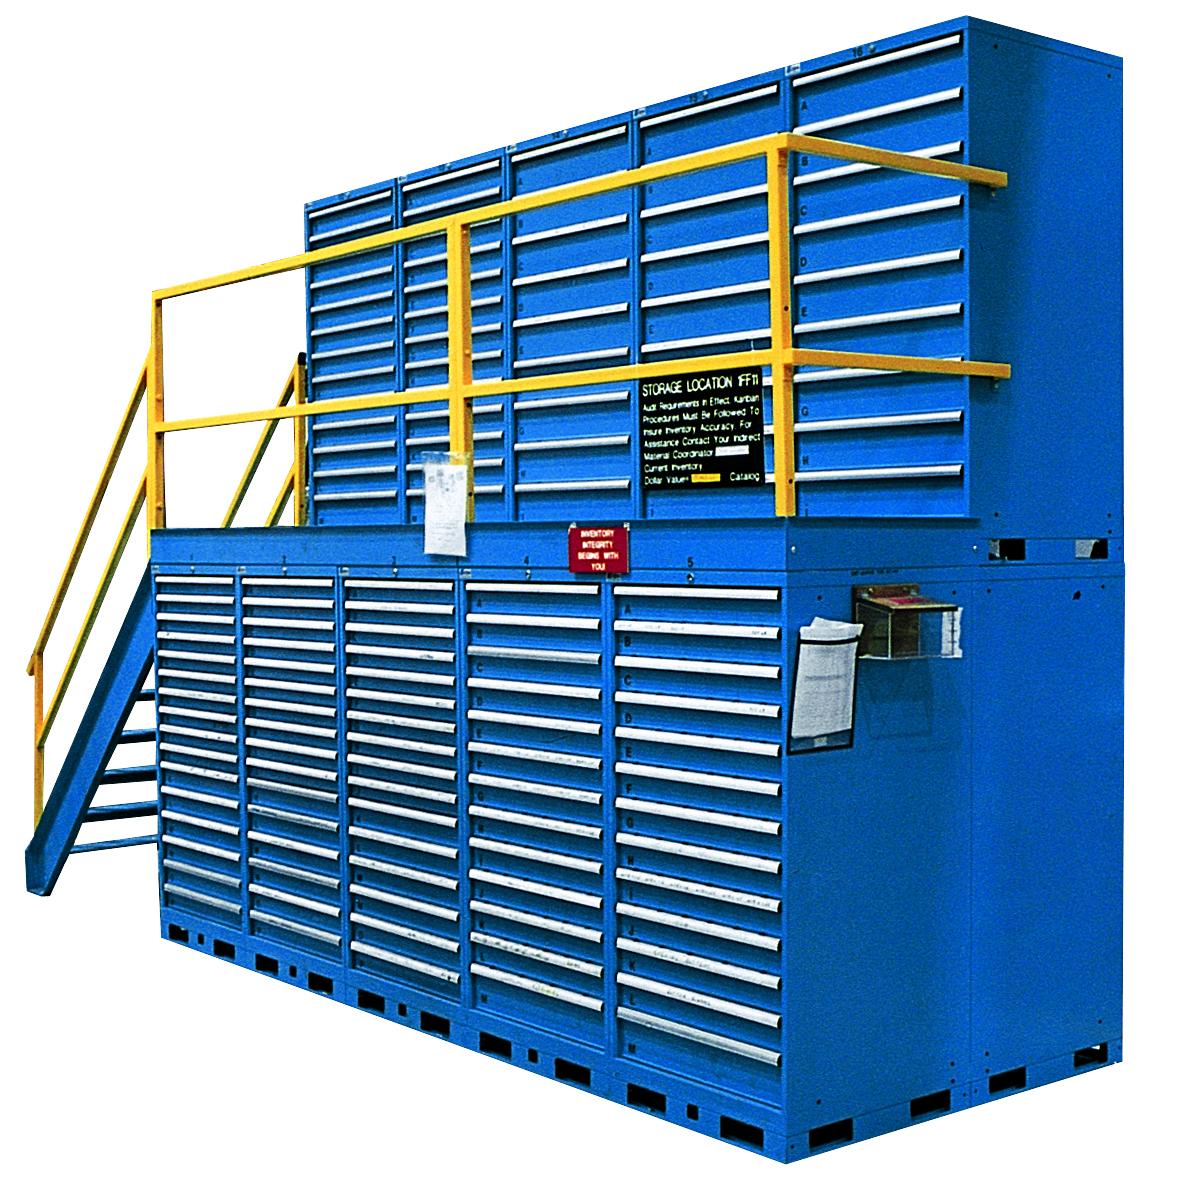 Lista Introduces Mini Mezzanine Advanced Storage Systems